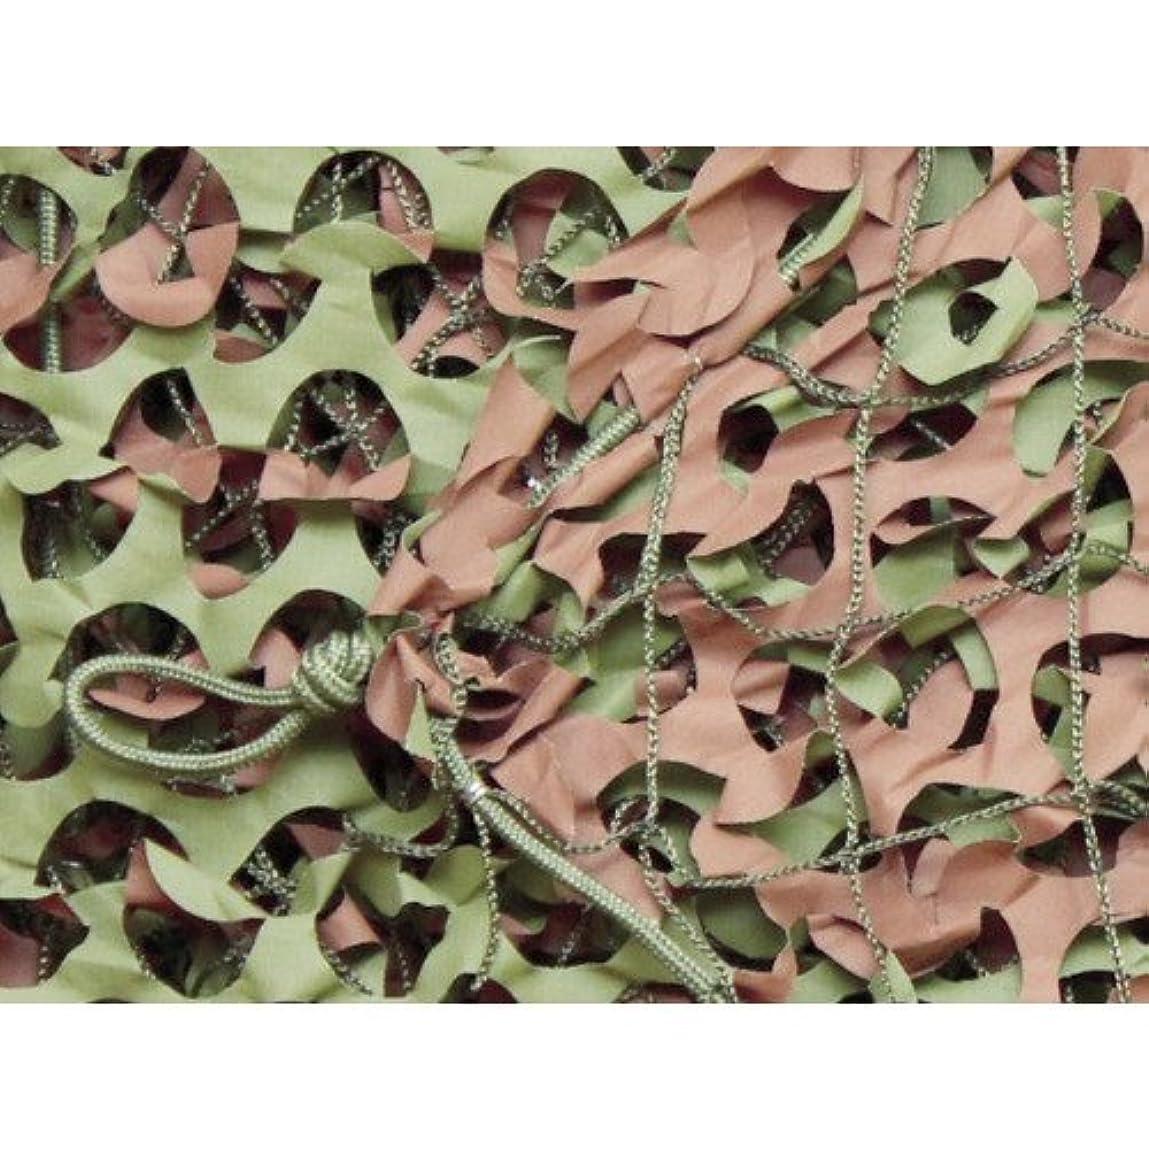 仕立て屋意図繕うトラスコ中山 CAMO ベーシック レギュラーXミリタリー グリーン&ブラウン 1.8mX6m WM13